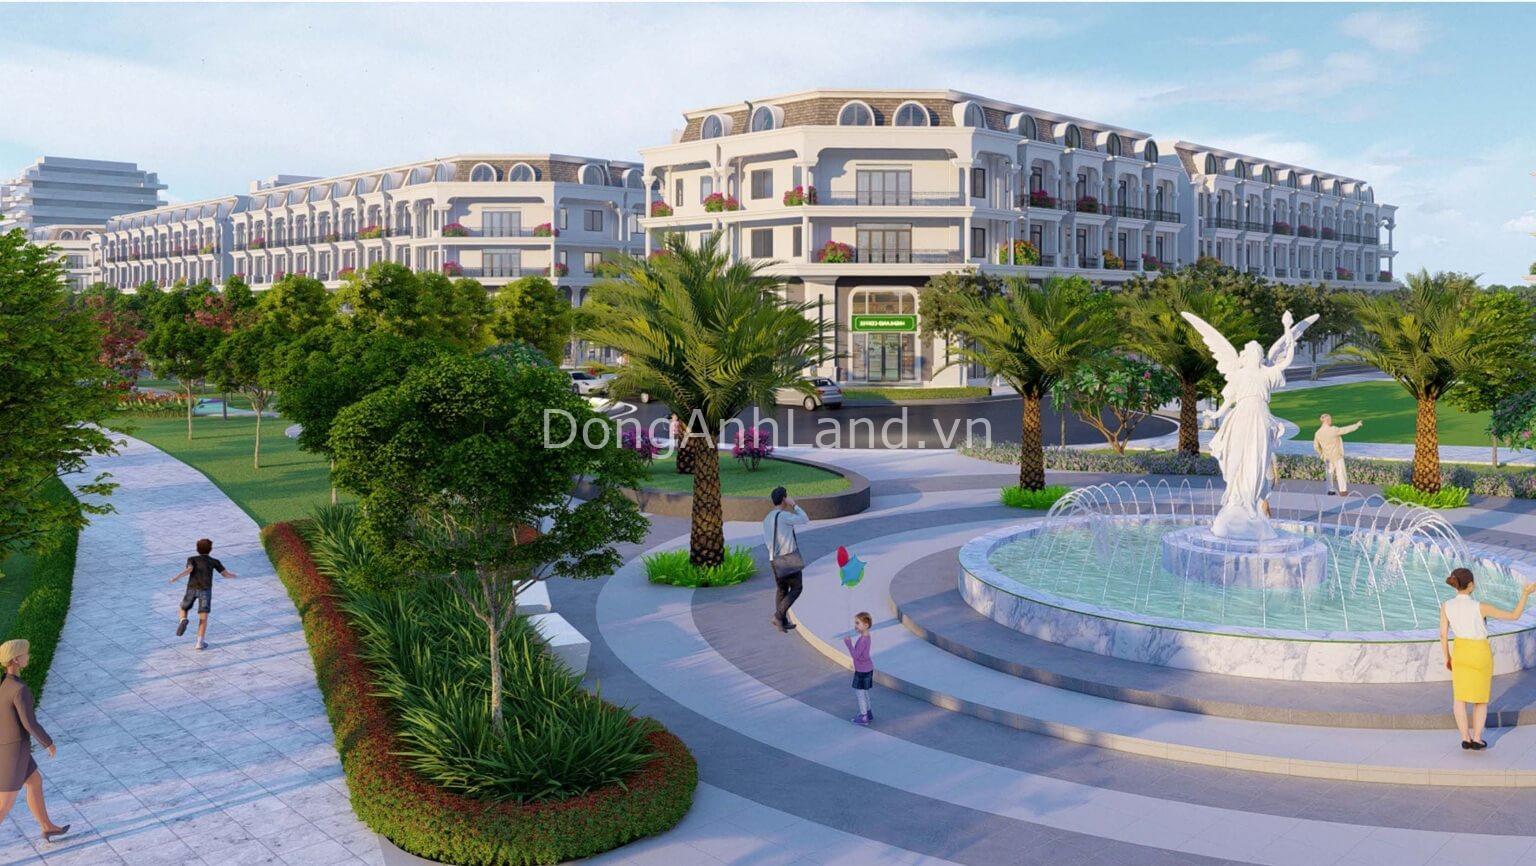 Quảng trường dự án Calyx Residence 319 Uy Nỗ Đông Anh